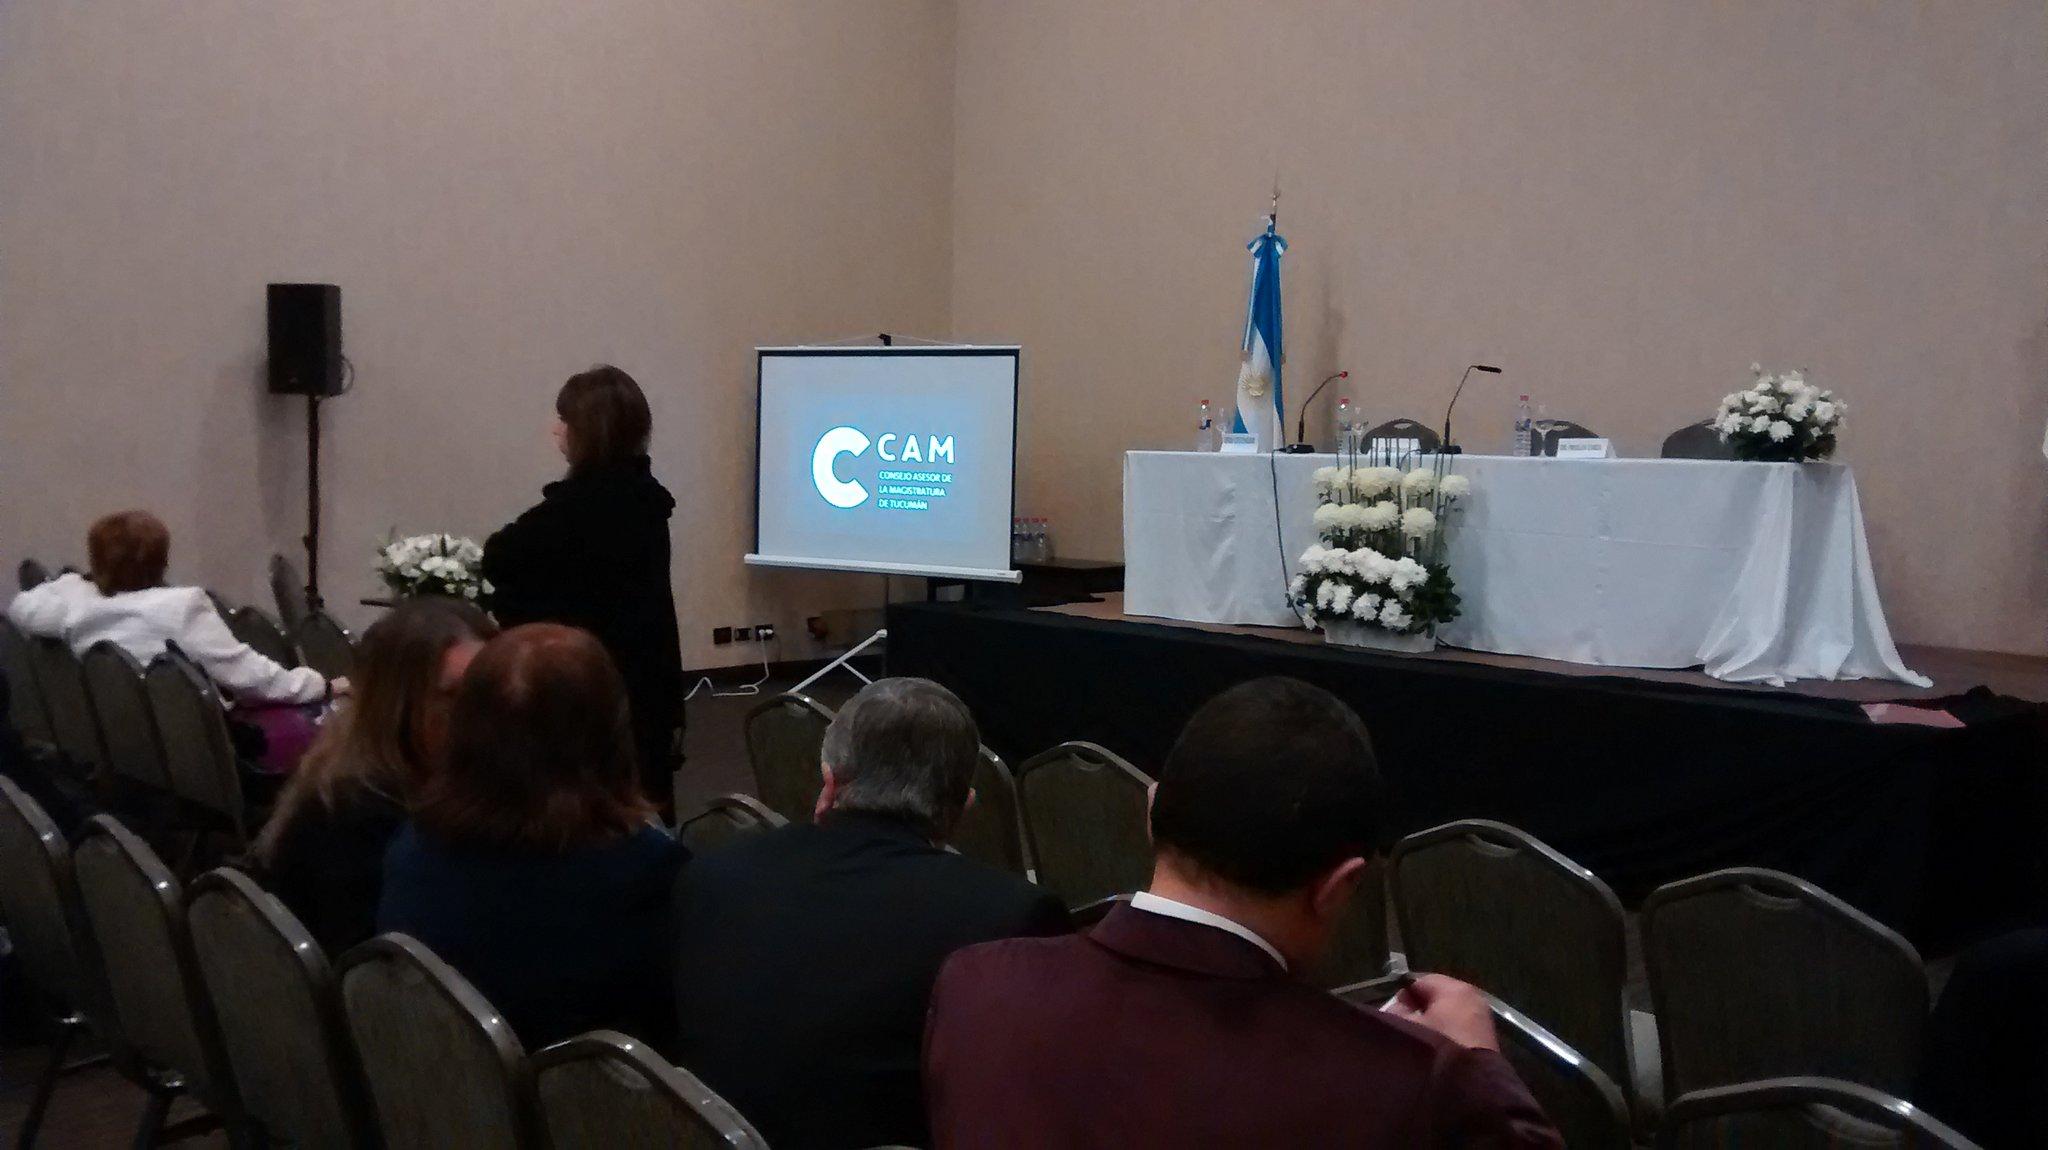 En momentos comienza el acto de apertura de las XVII Jornadas Nacionales  organizadas por el CAM y @fofecma https://t.co/L3R4tdSmp4